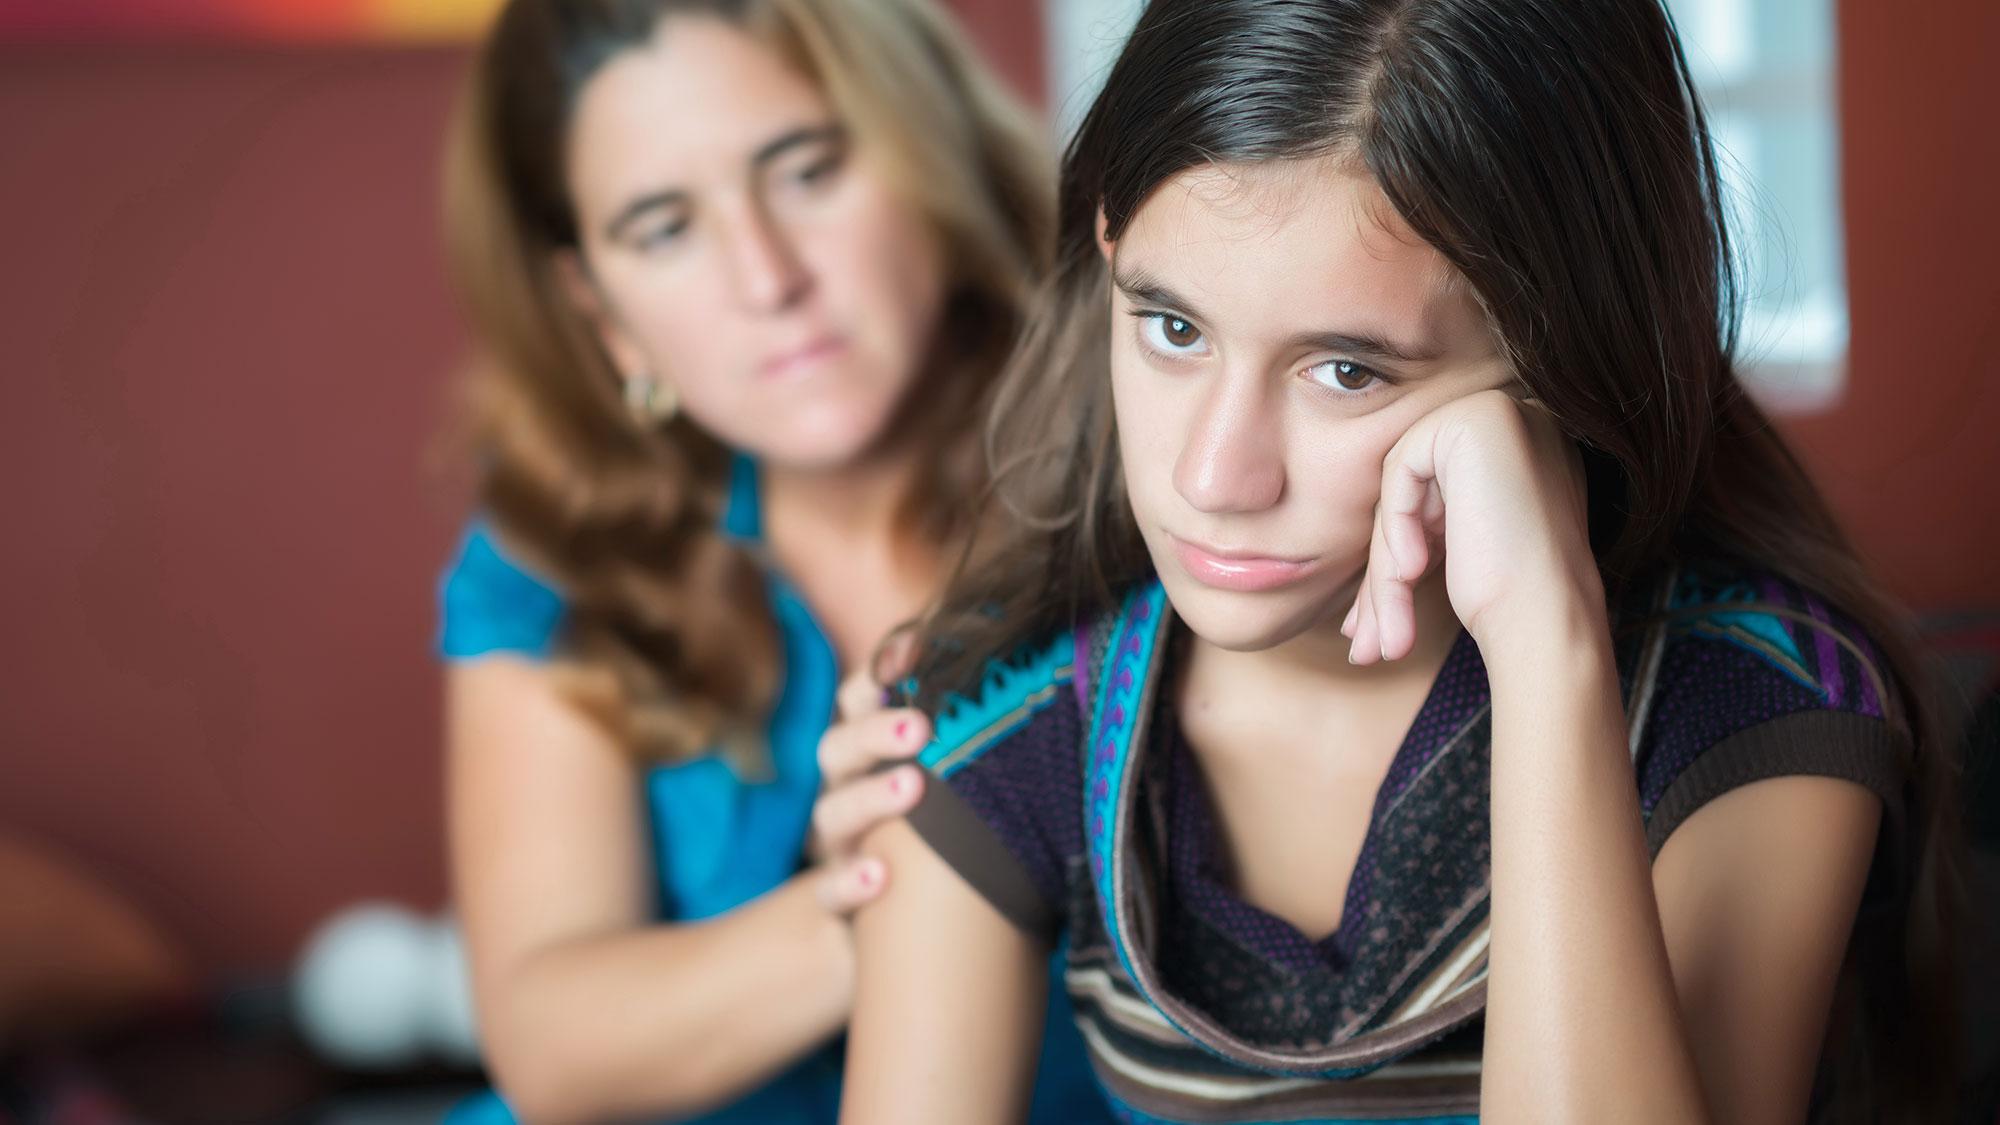 Πώς να διαχειριστούμε το άγχος των εξετάσεων - Φωτογραφία 1